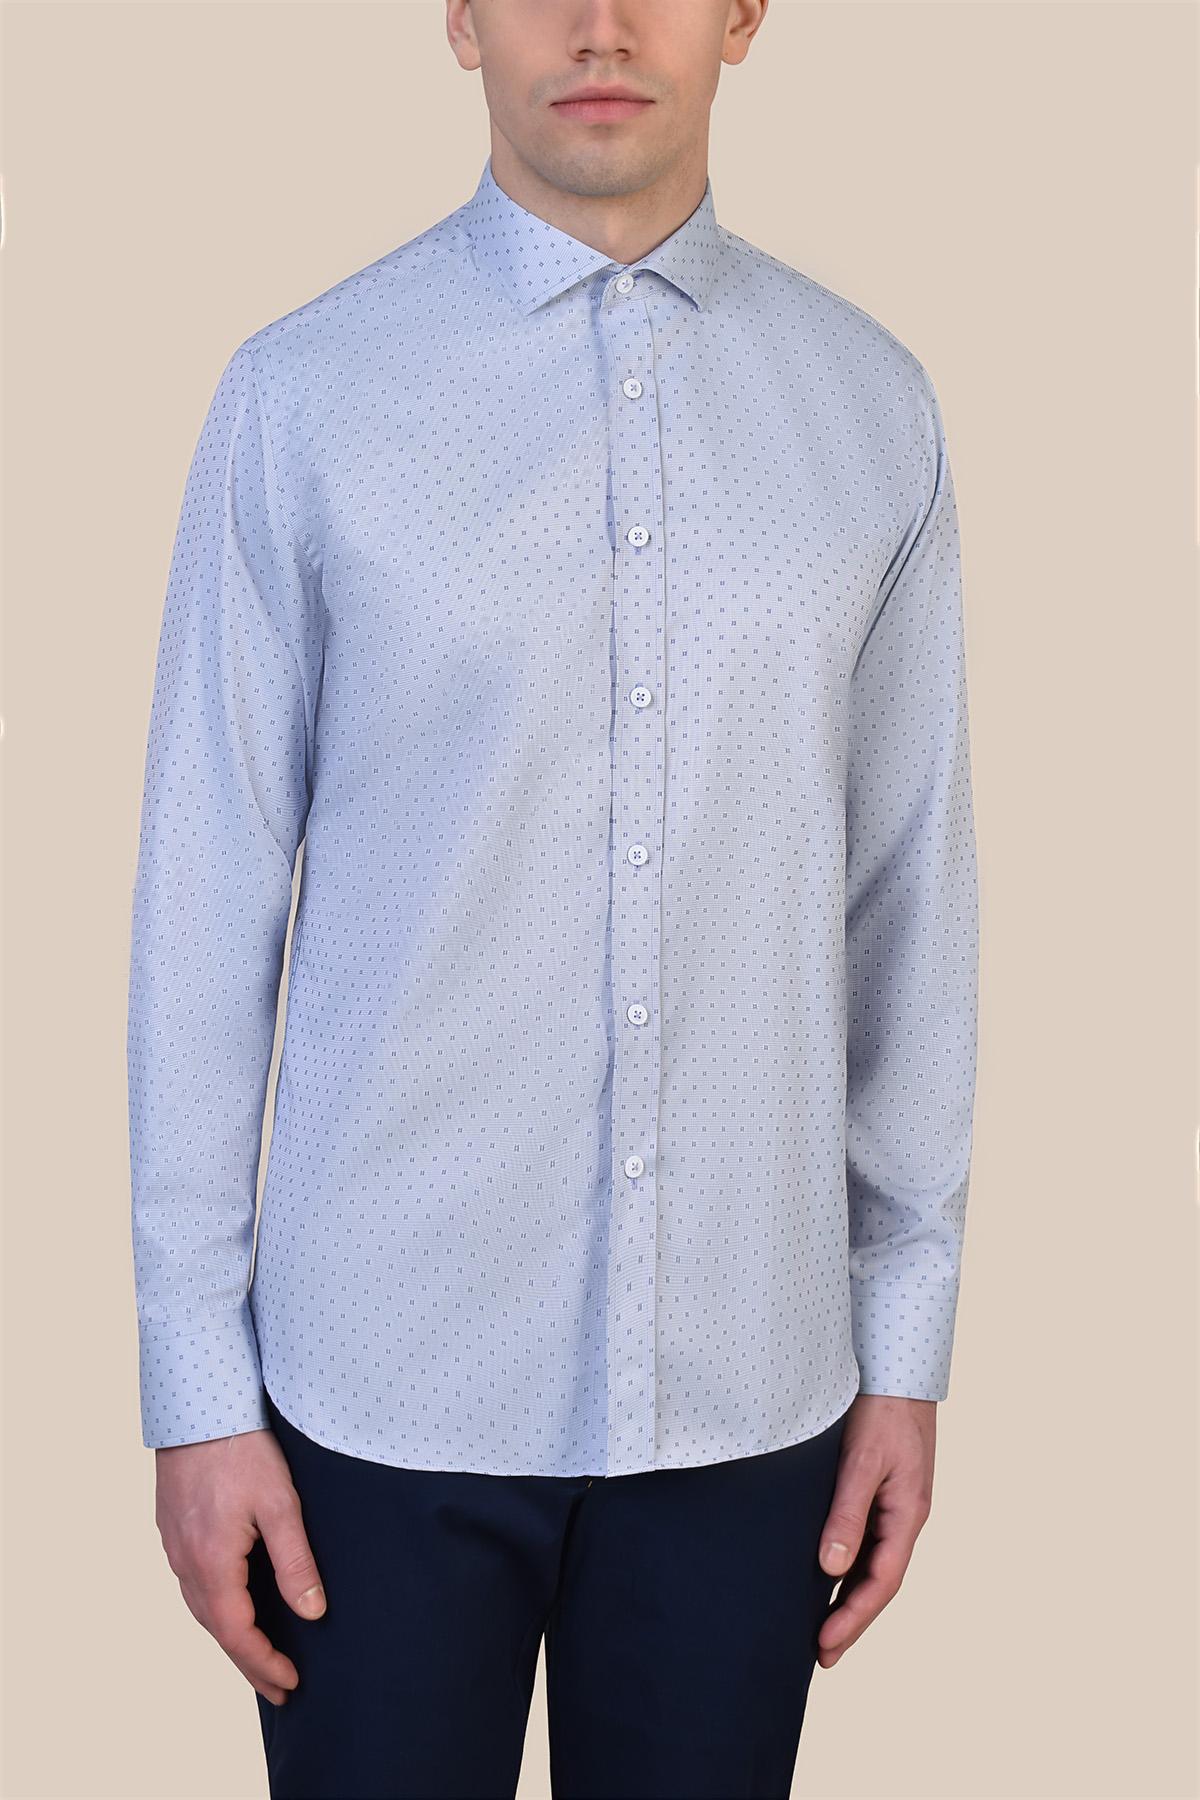 Рубашка голубого цвета в узор Vaismann 19238